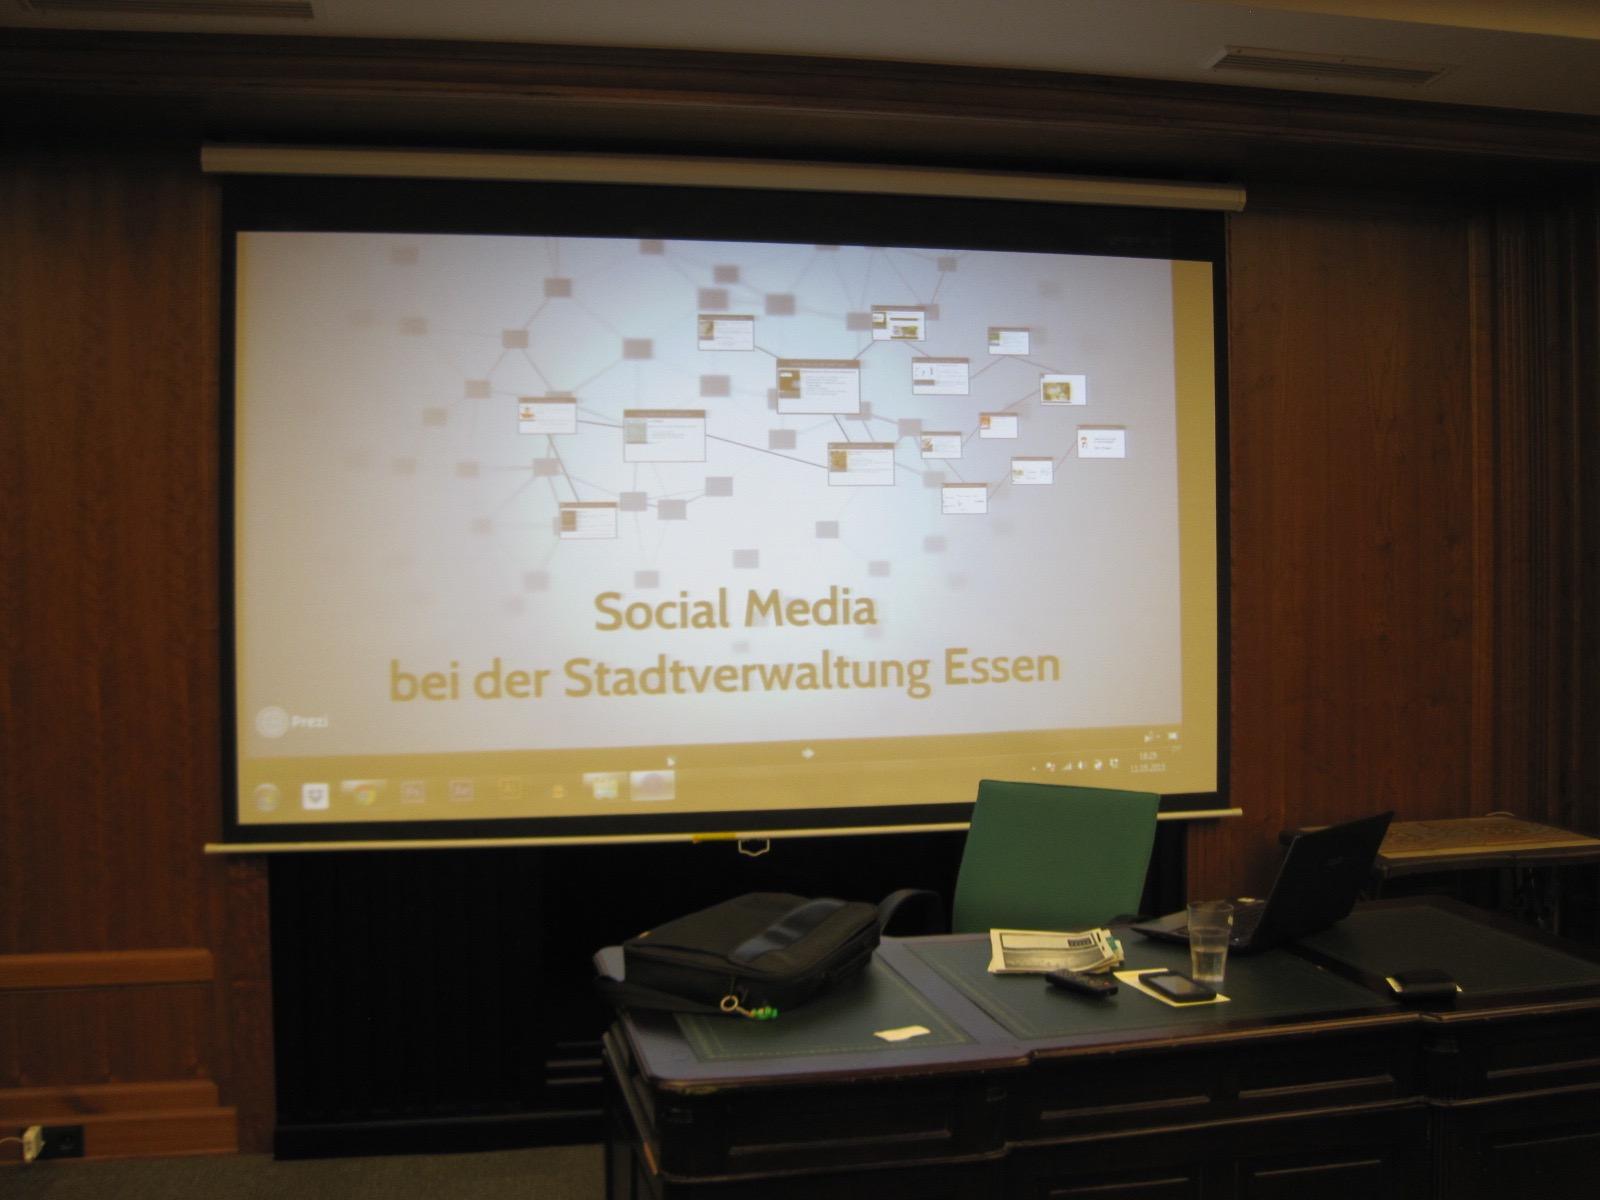 Social Media in einer Behörde.